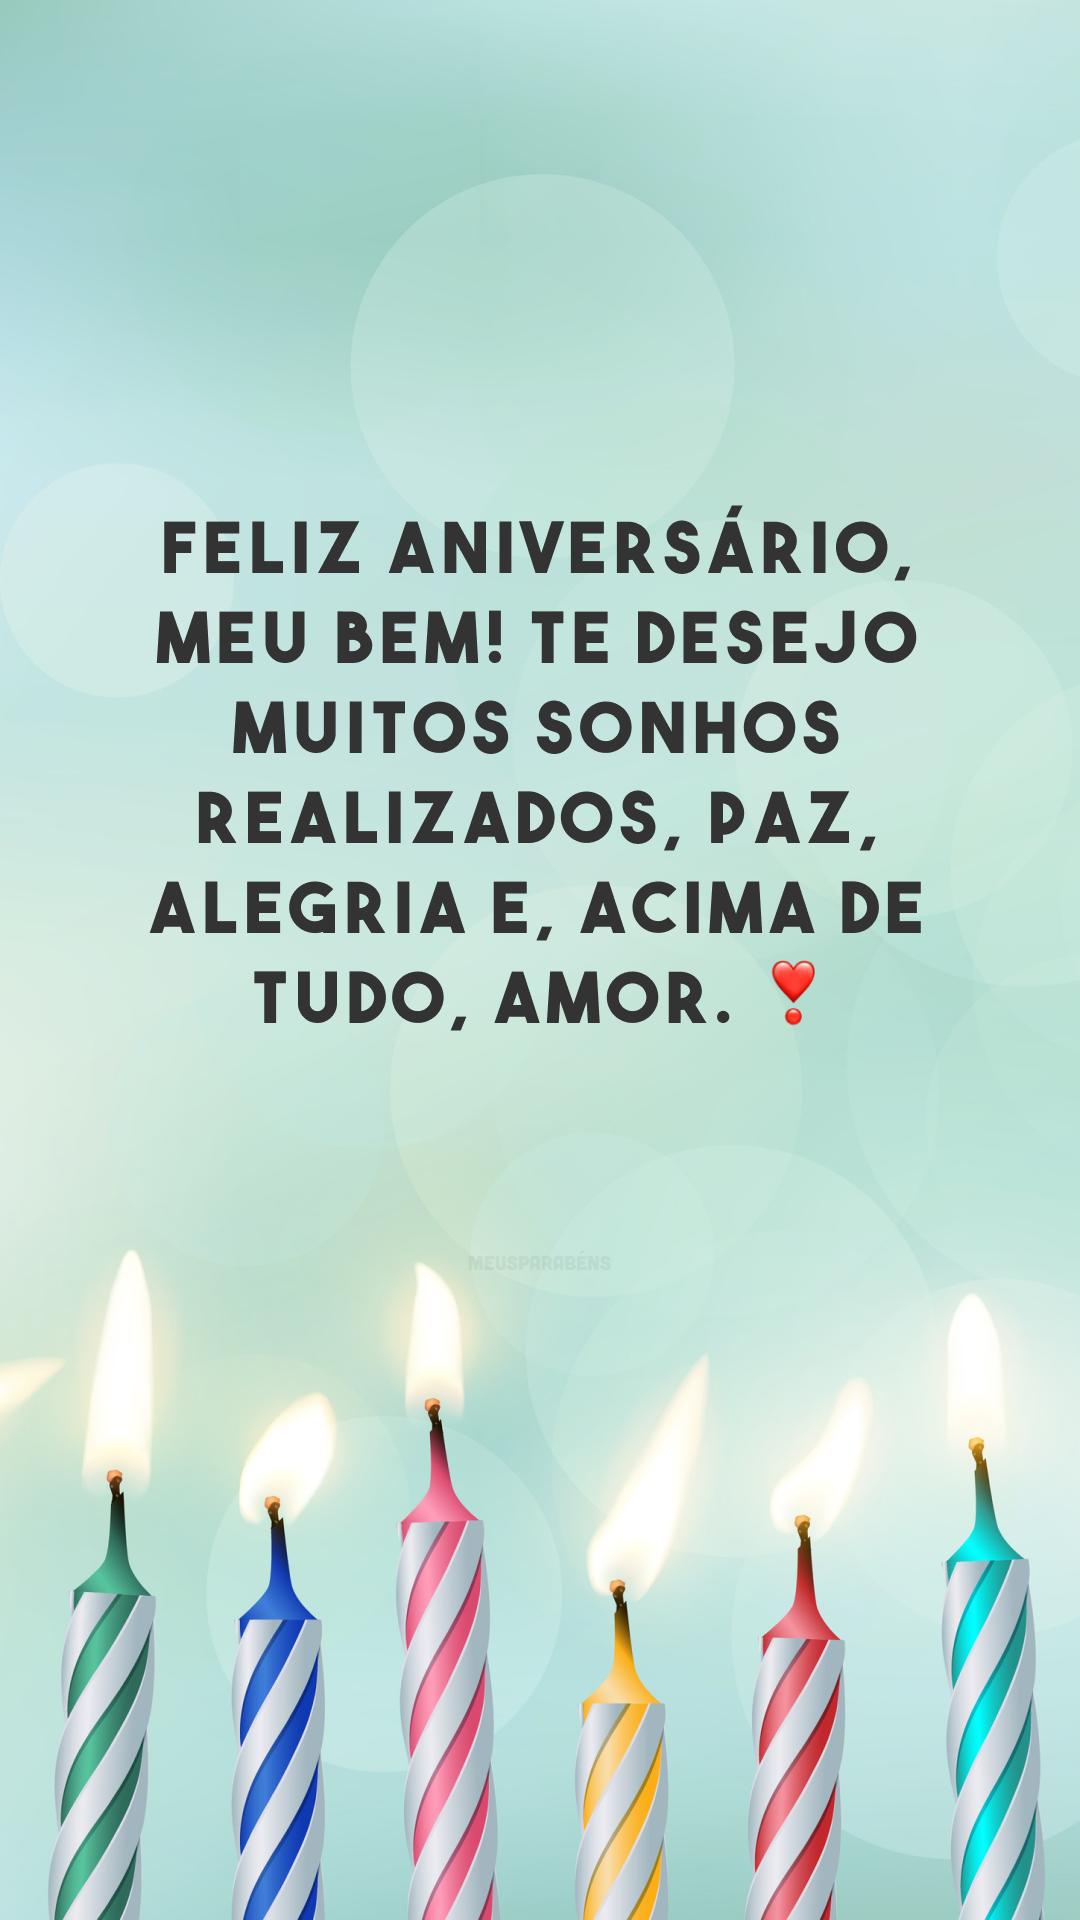 Feliz aniversário, meu bem! Te desejo muitos sonhos realizados, paz, alegria e, acima de tudo, amor. ❣❣